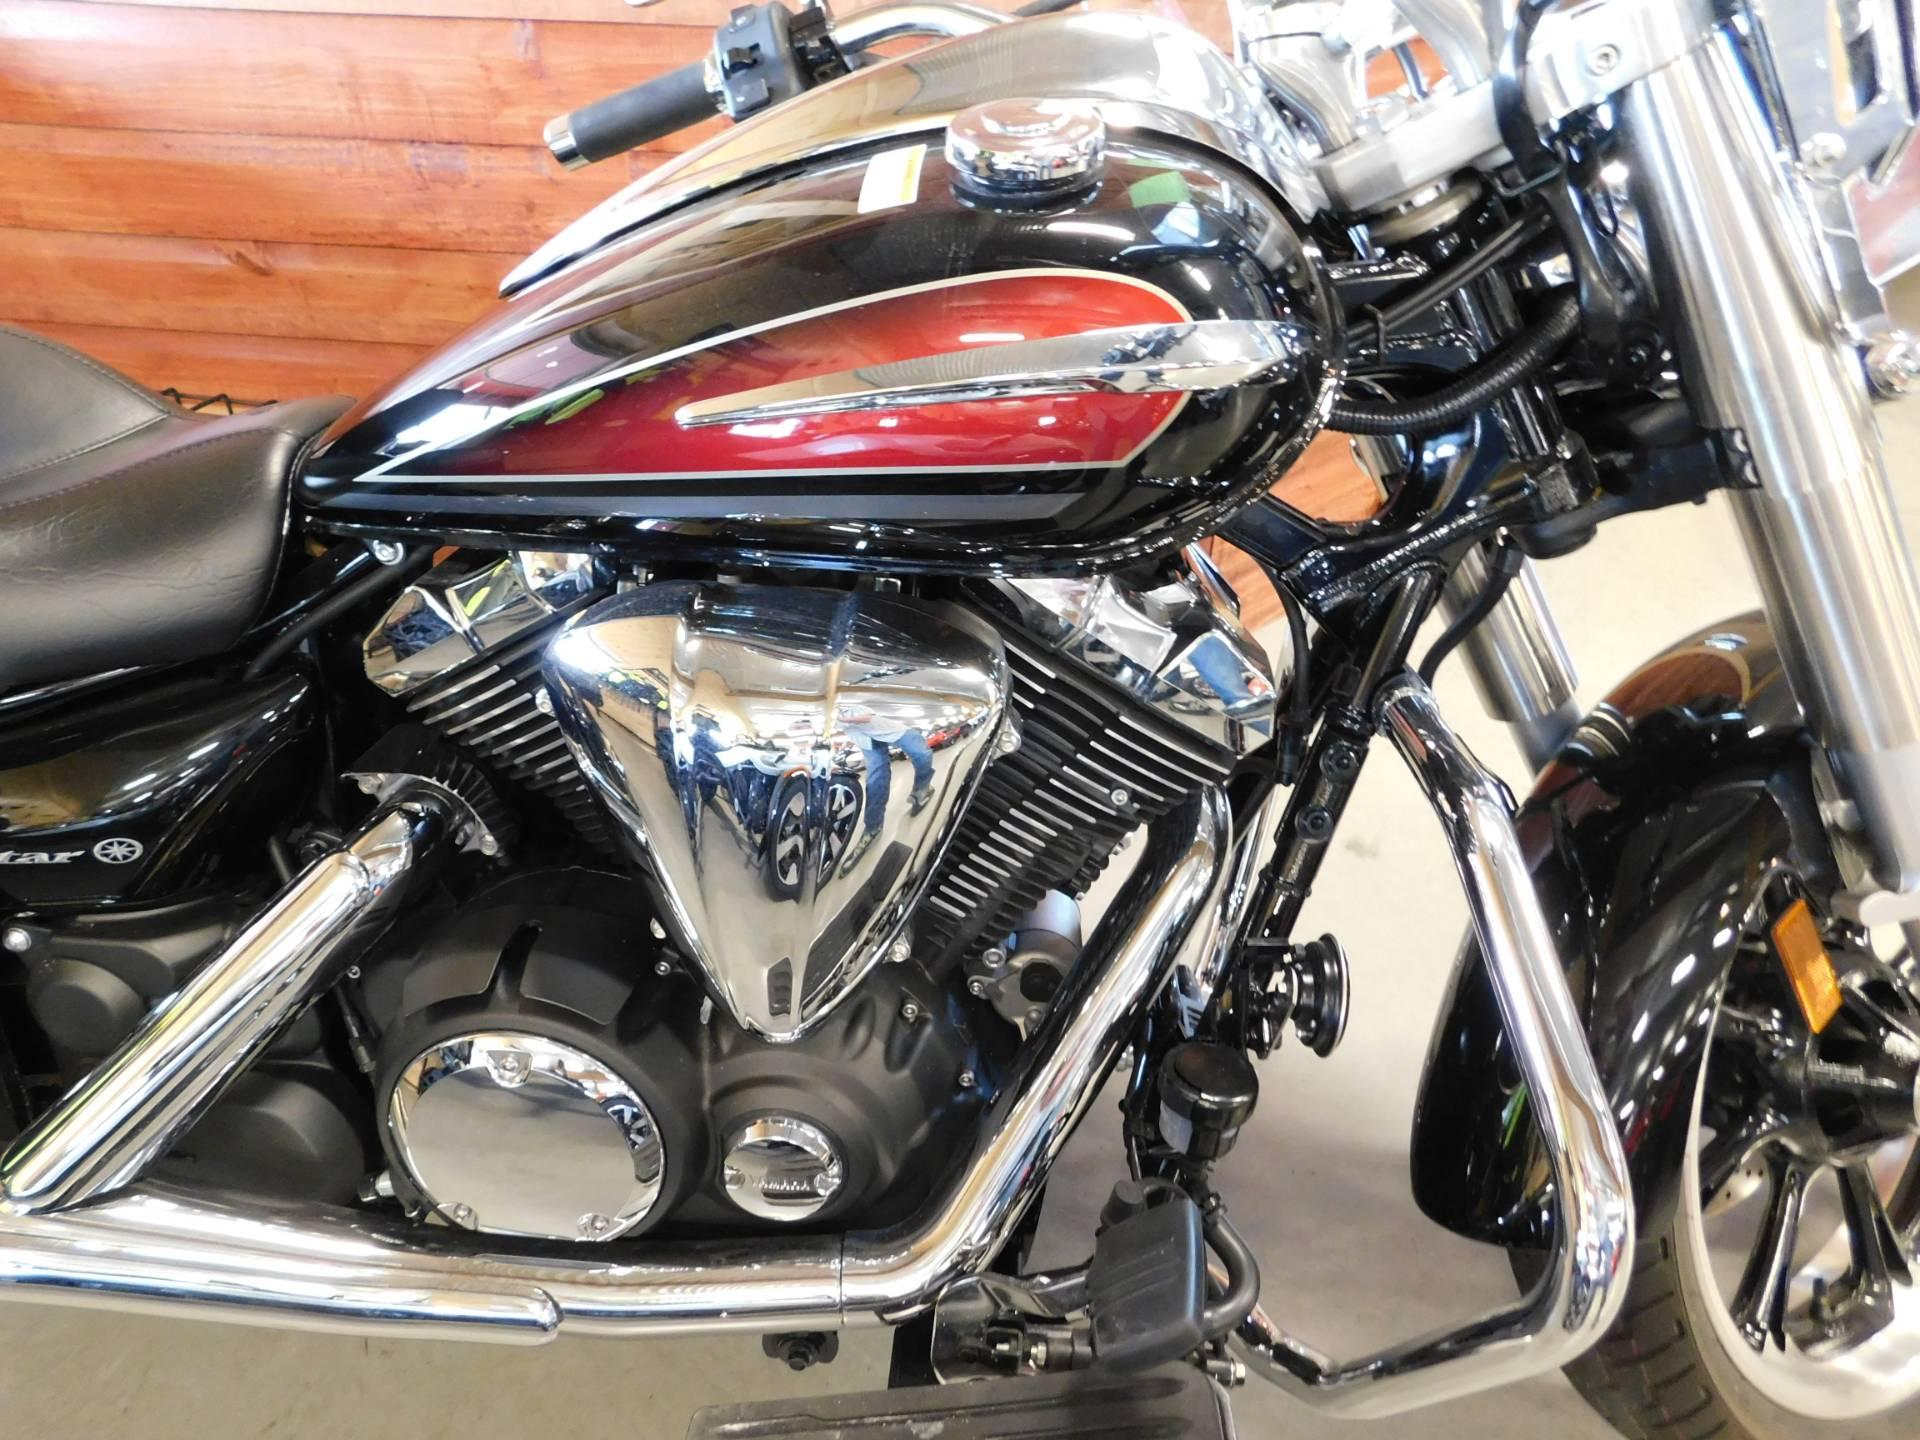 Used 2014 Yamaha V Star 950 Tourer Motorcycles in Sauk Rapids, MN ...